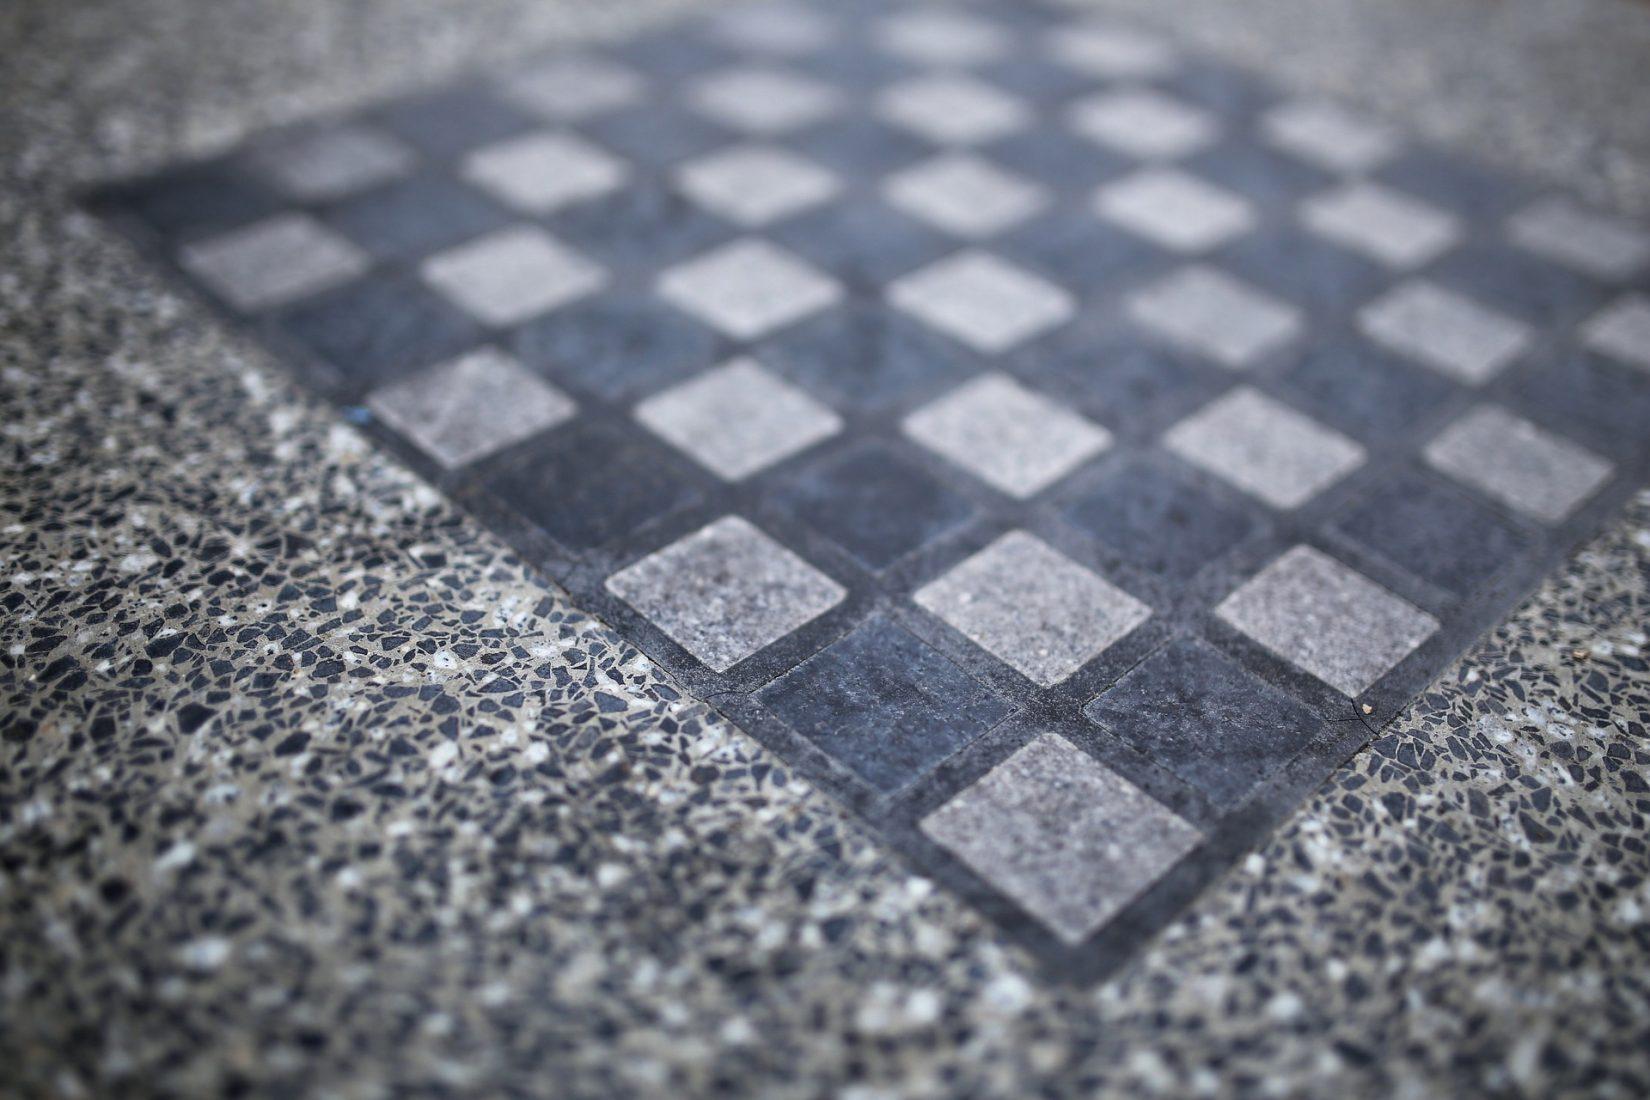 Terrazzo-Boden mit Mosaiksteinmuster in Schachbrettoptik. Foto: Pixabay